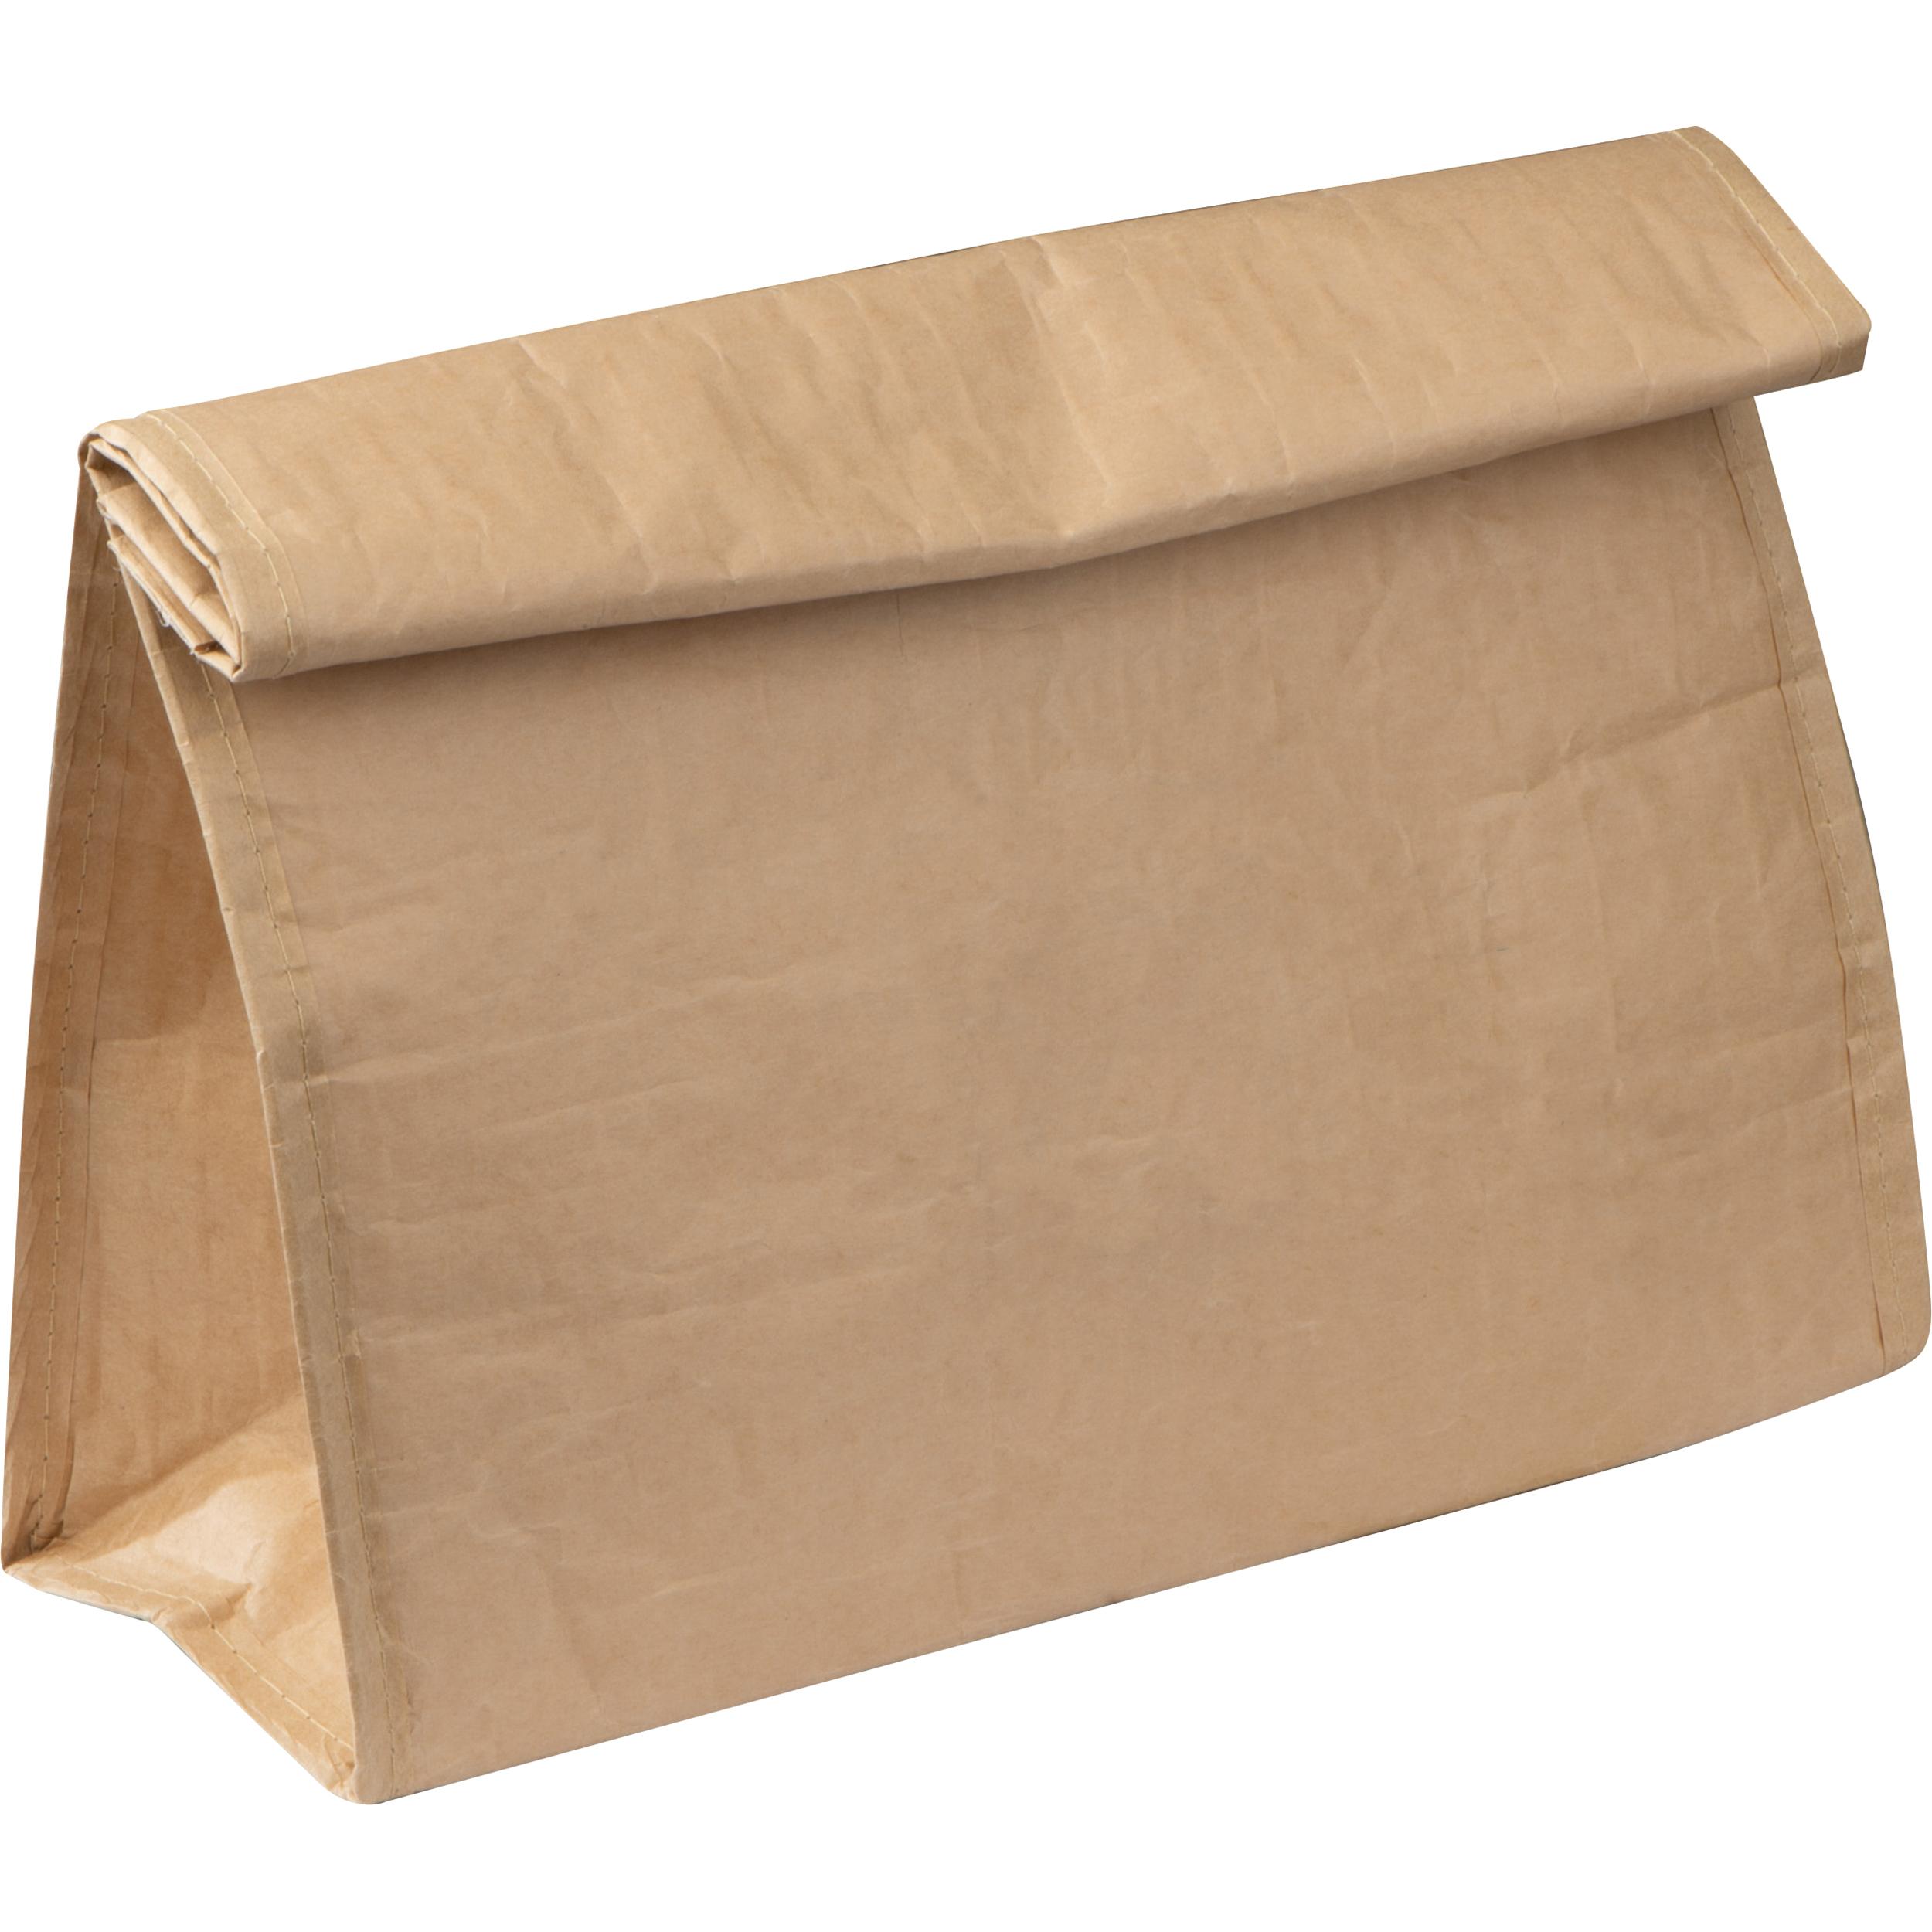 Insulated bag -retro design